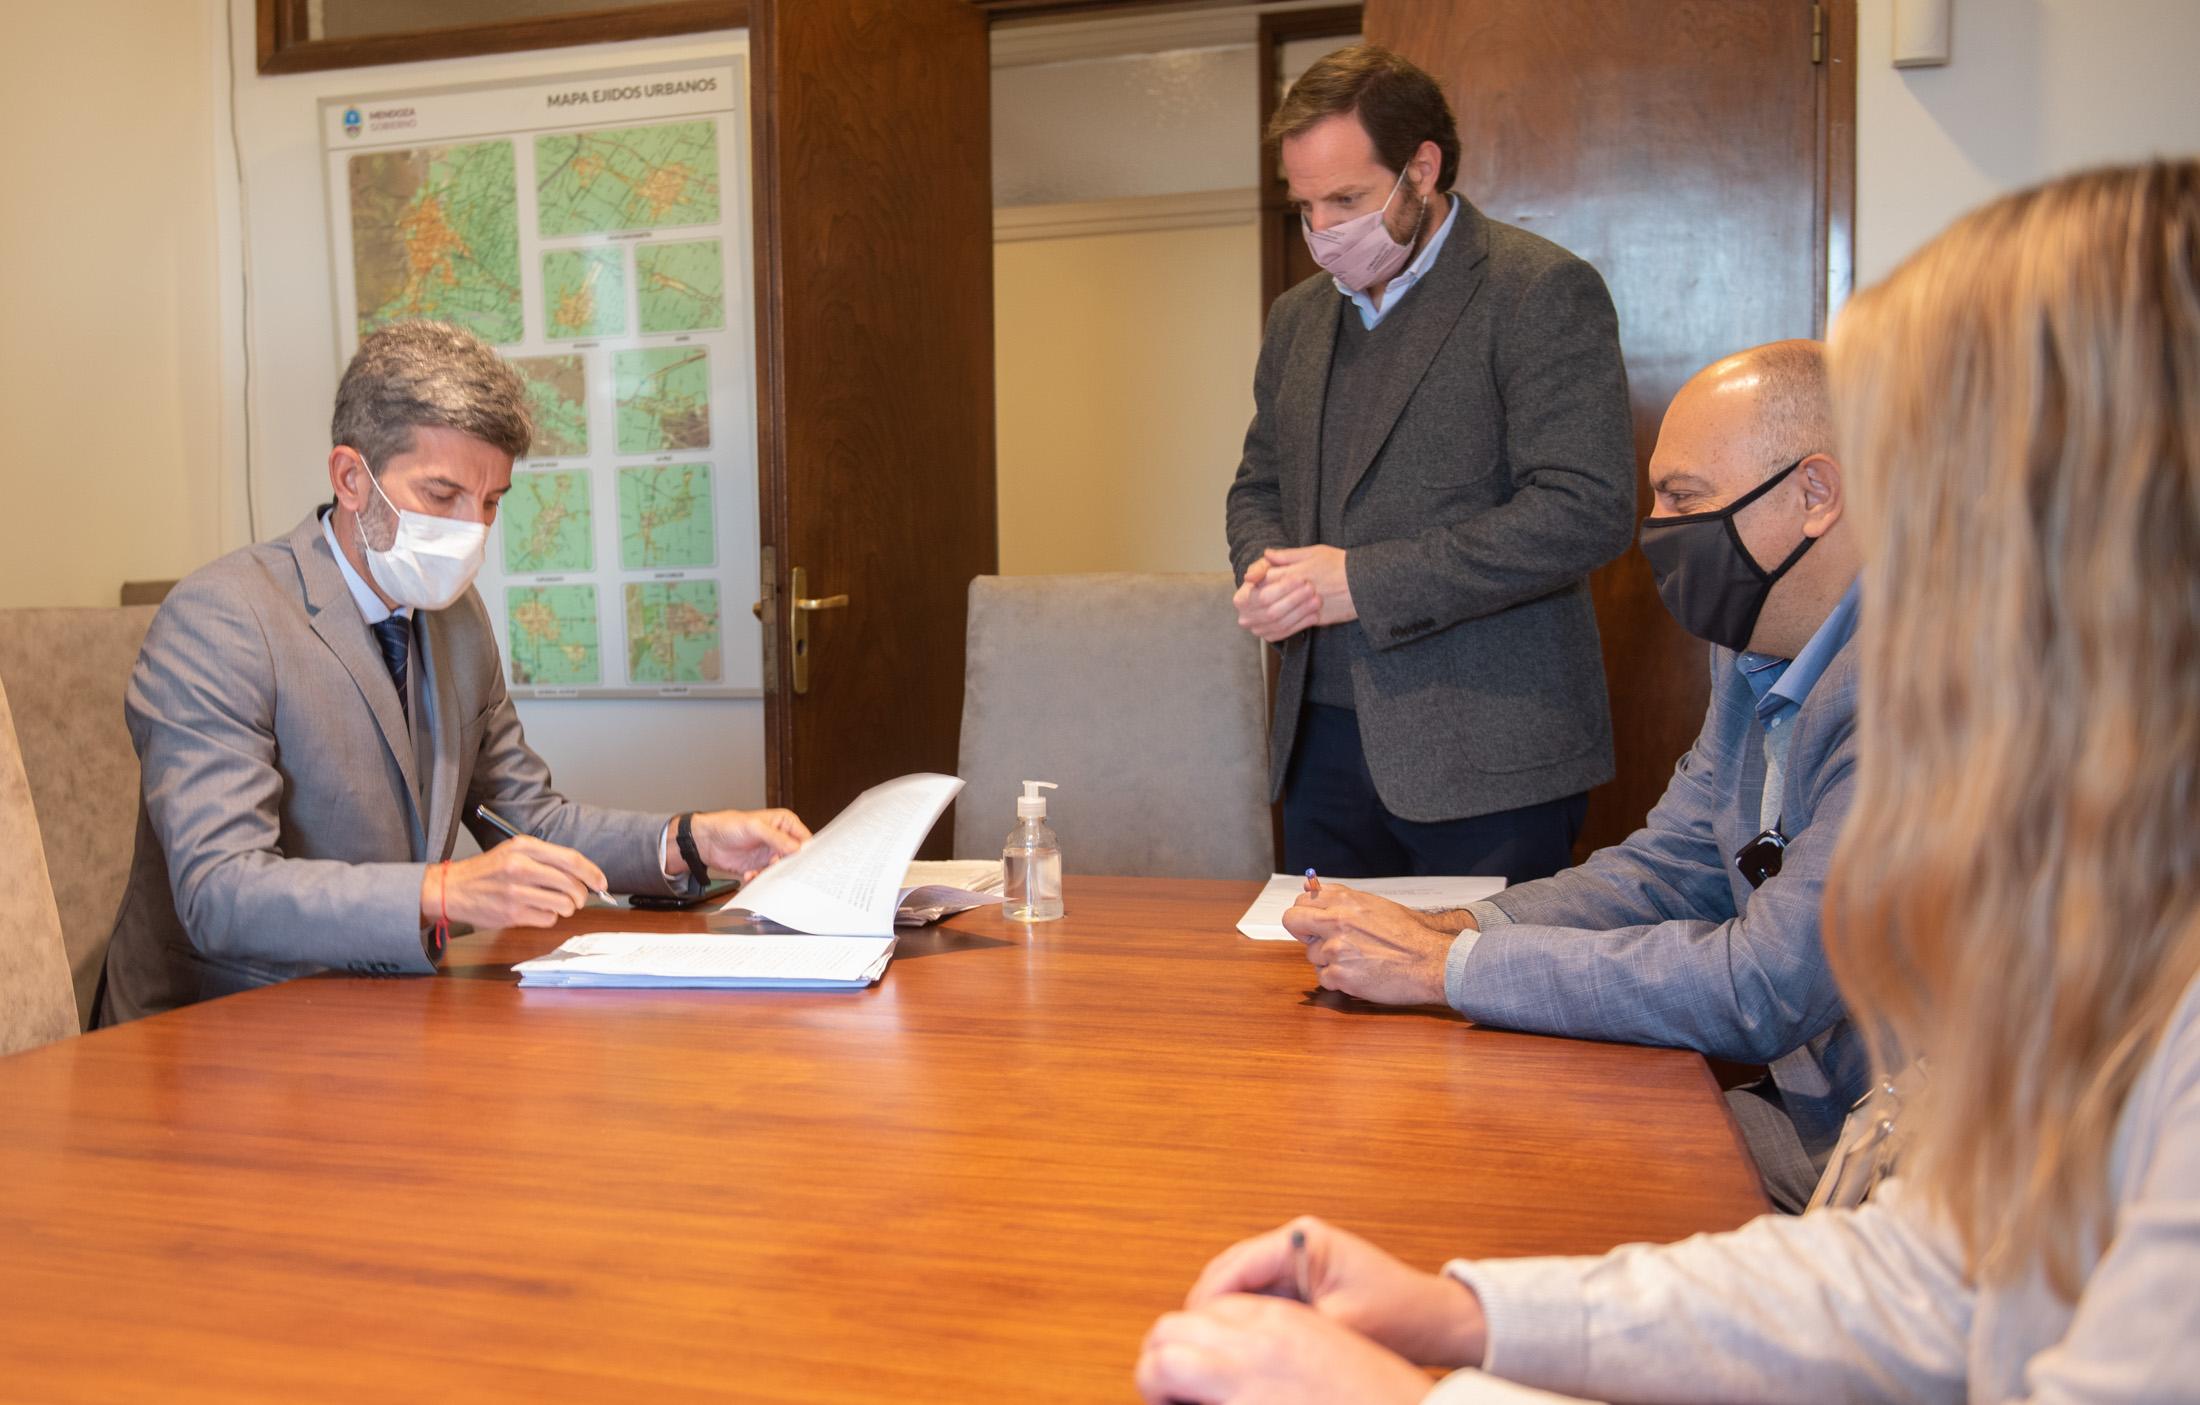 El Área Fundacional de la Ciudad de Mendoza recupera un espacio de alto valor histórico y patrimonial